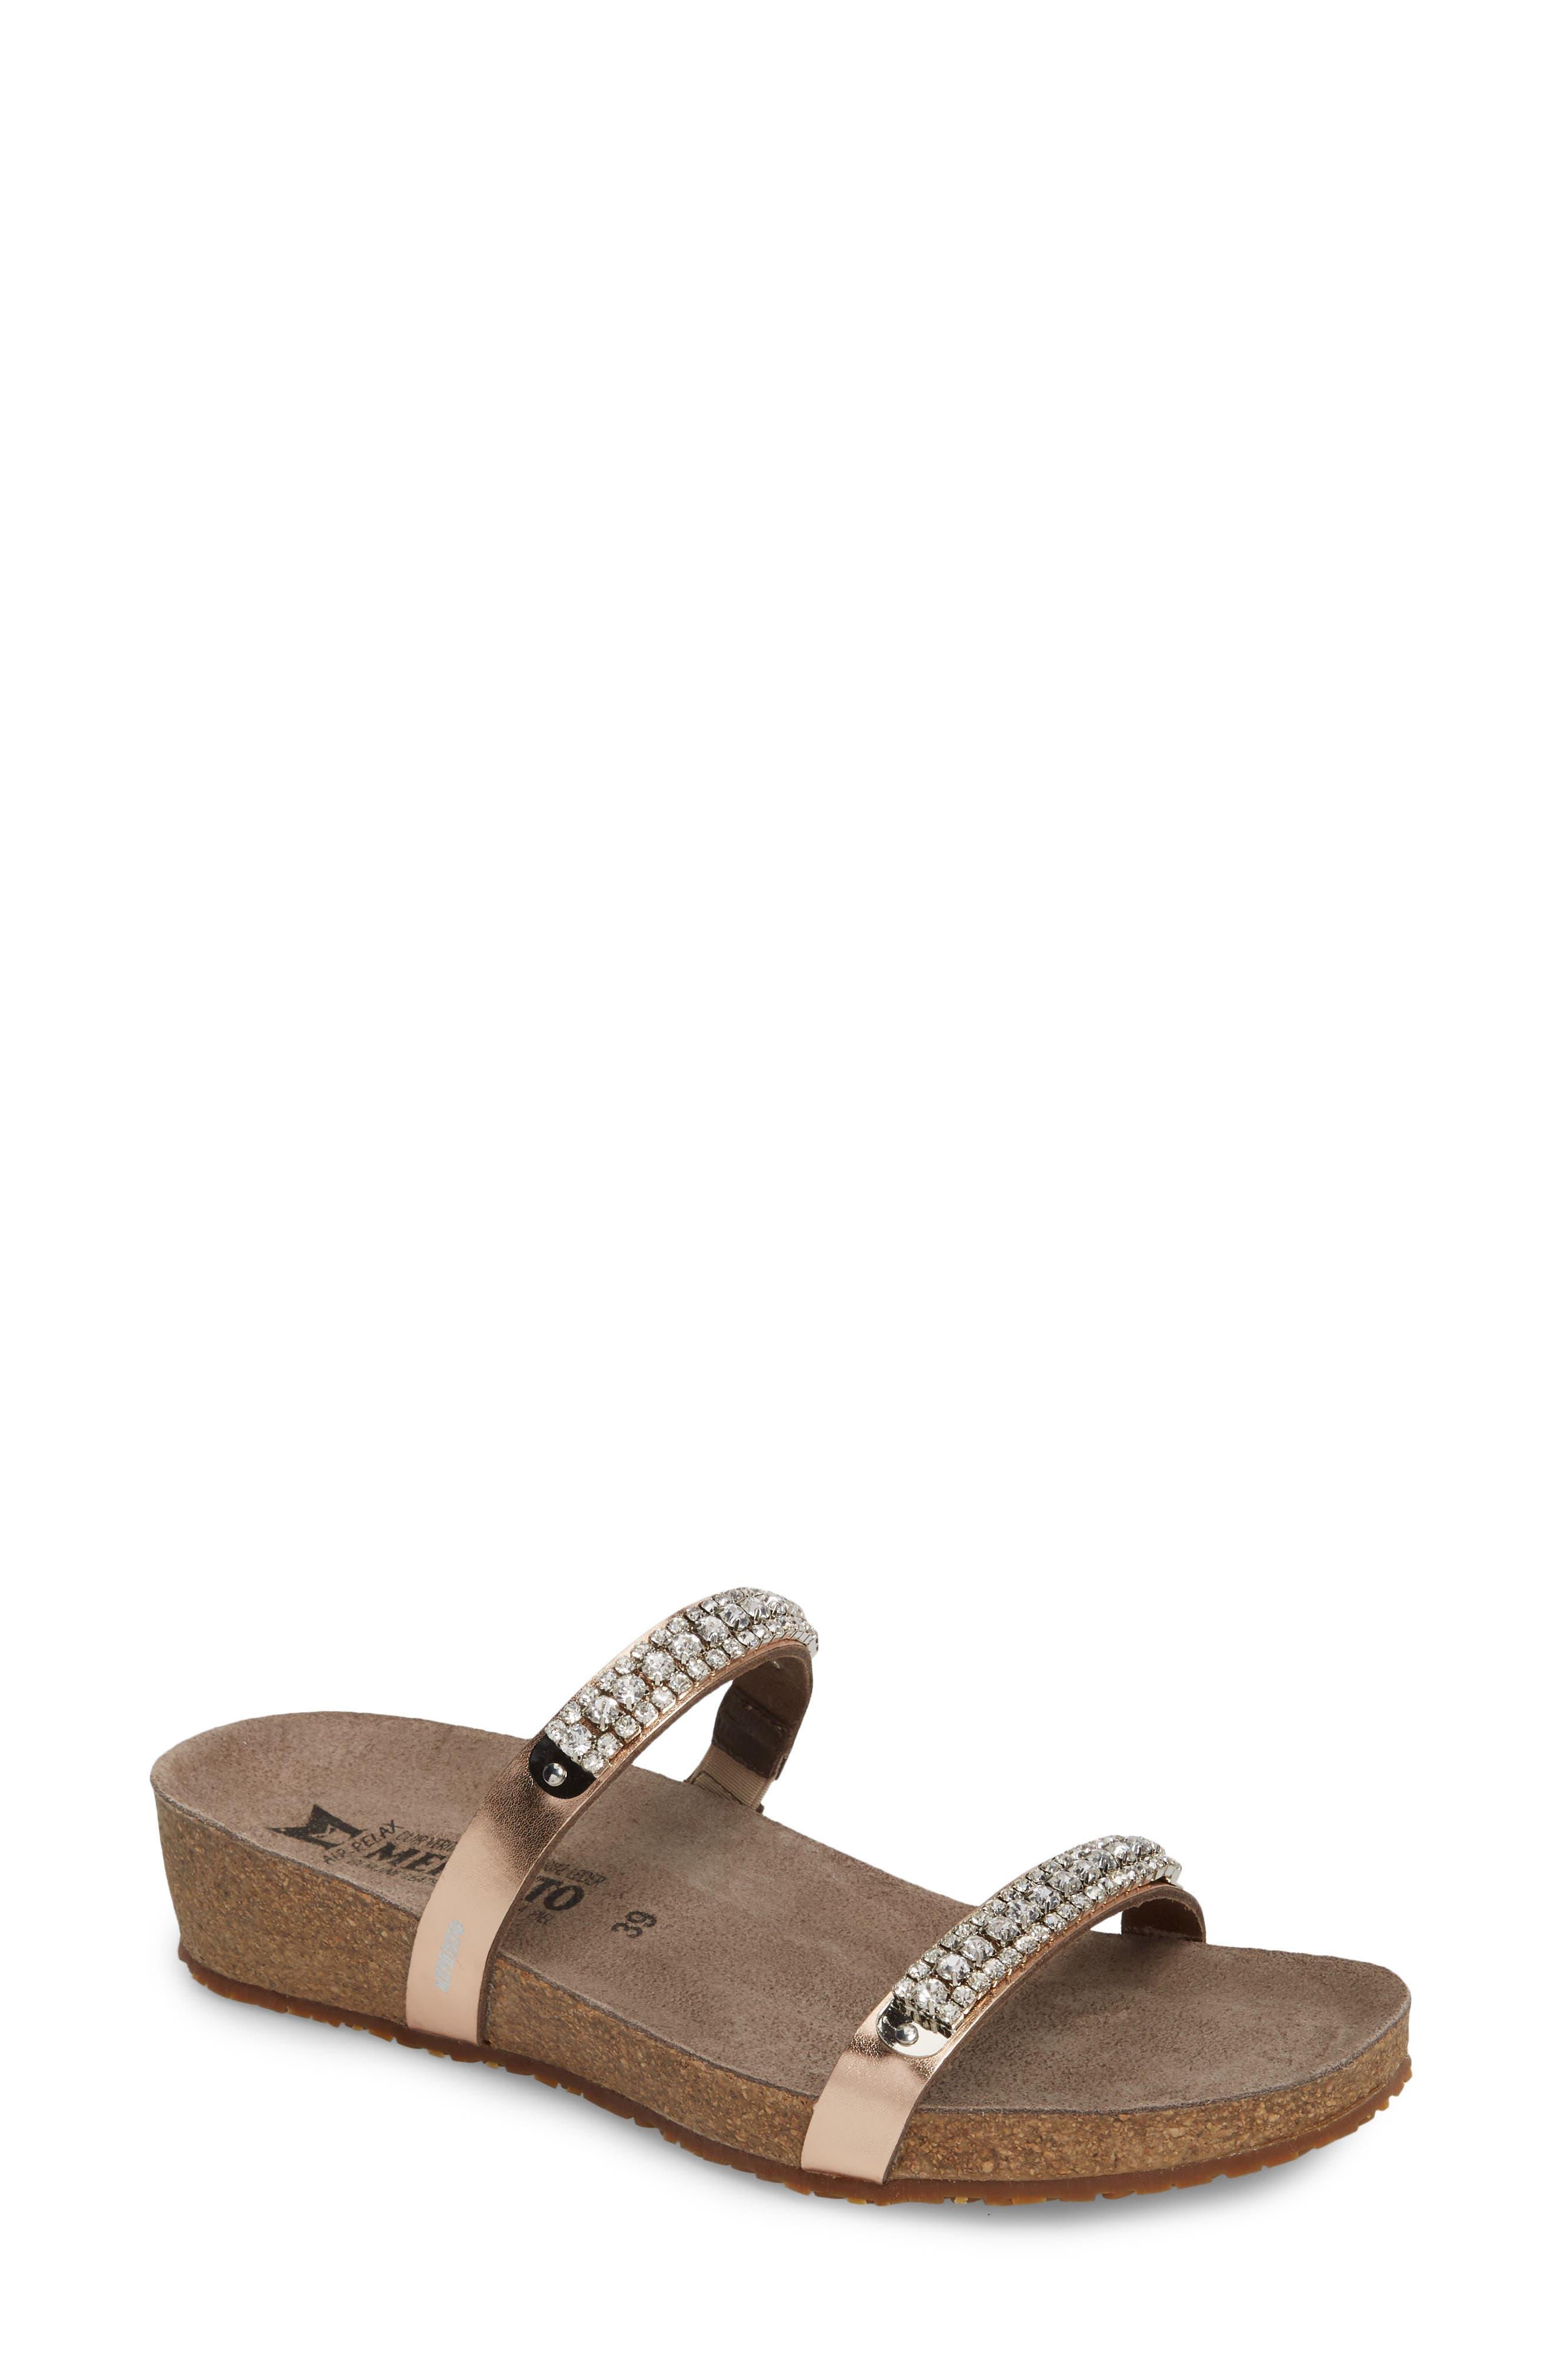 'Ivana' Crystal Embellished Slide Sandal,                             Main thumbnail 1, color,                             Old Pink Leather